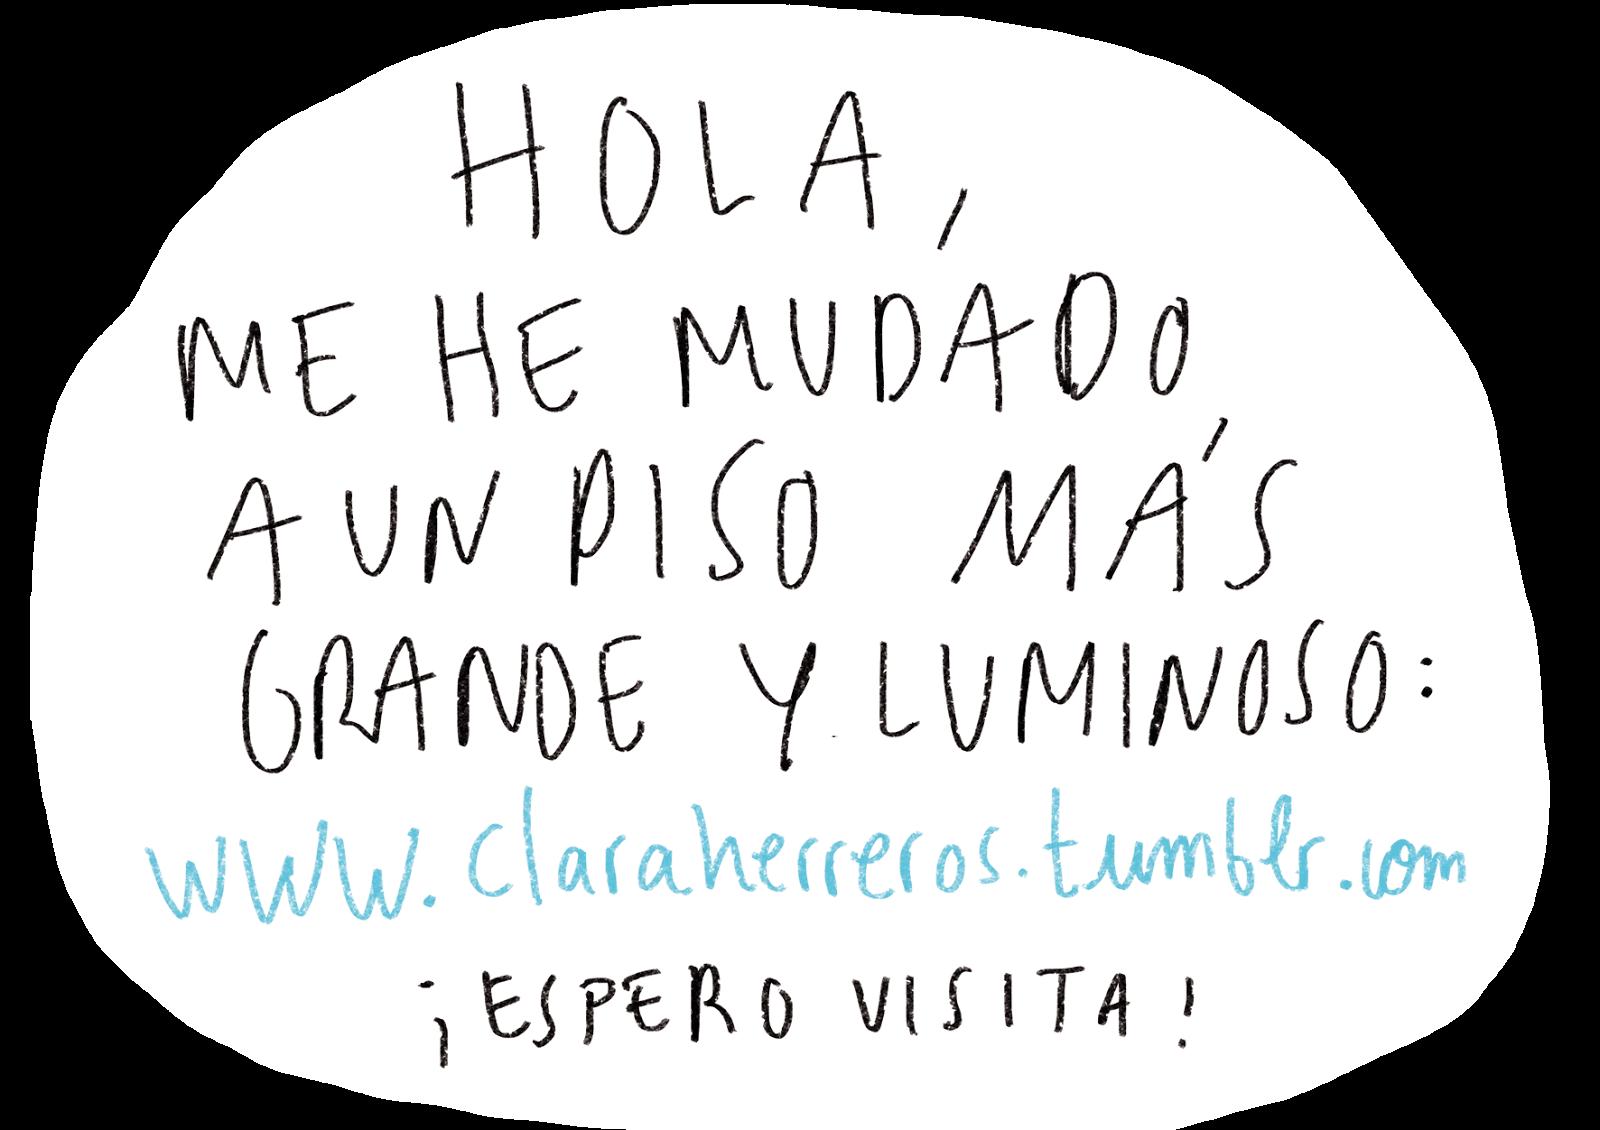 Clara Herreros Murueta-Goyena